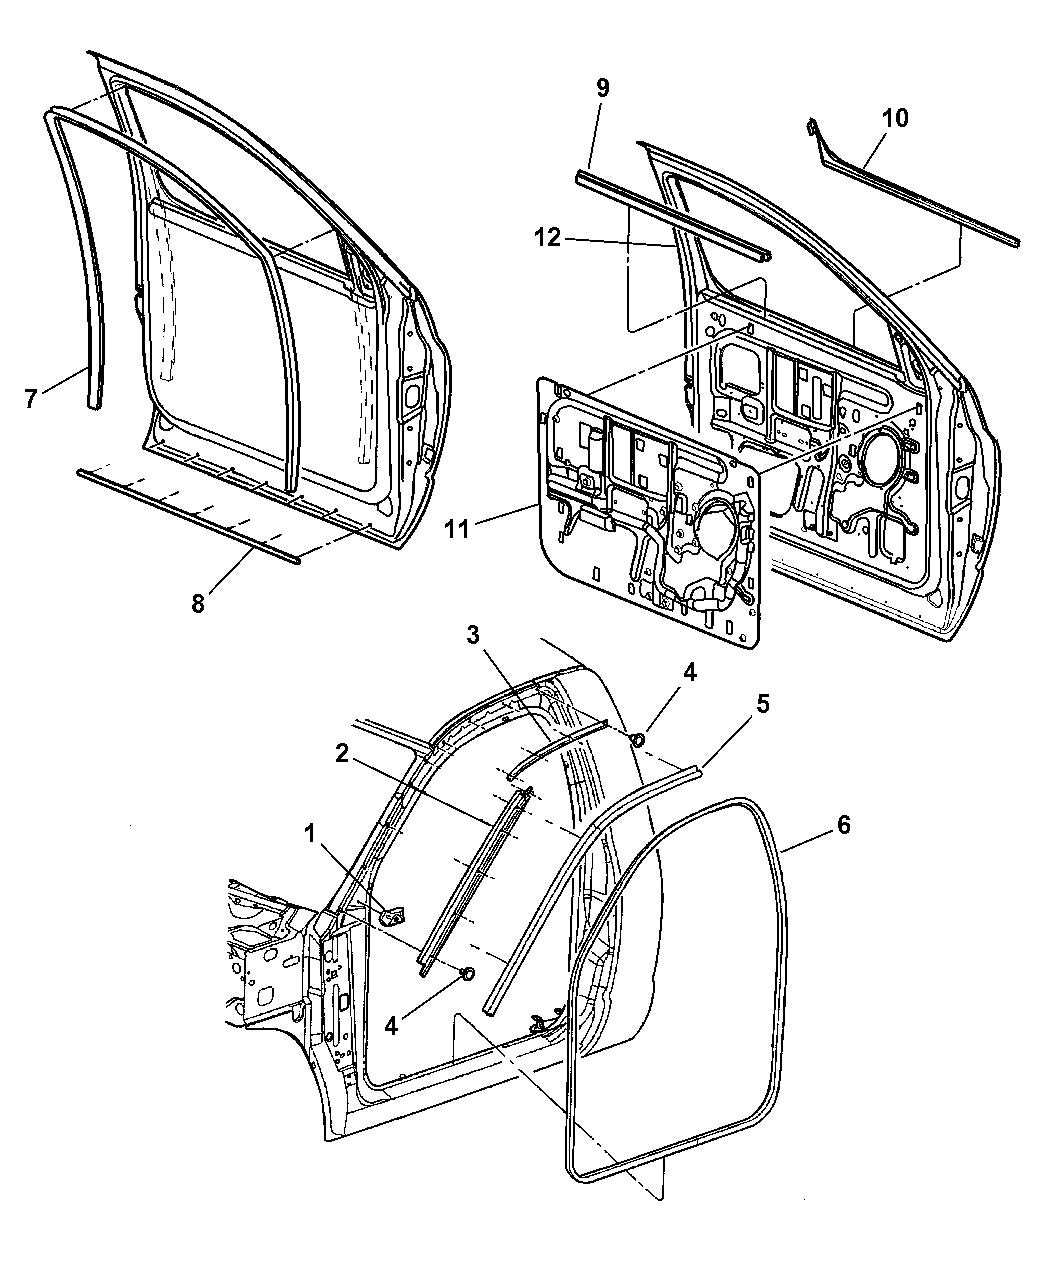 2005 dodge ram srt 10 engine diagram  dodge  auto wiring